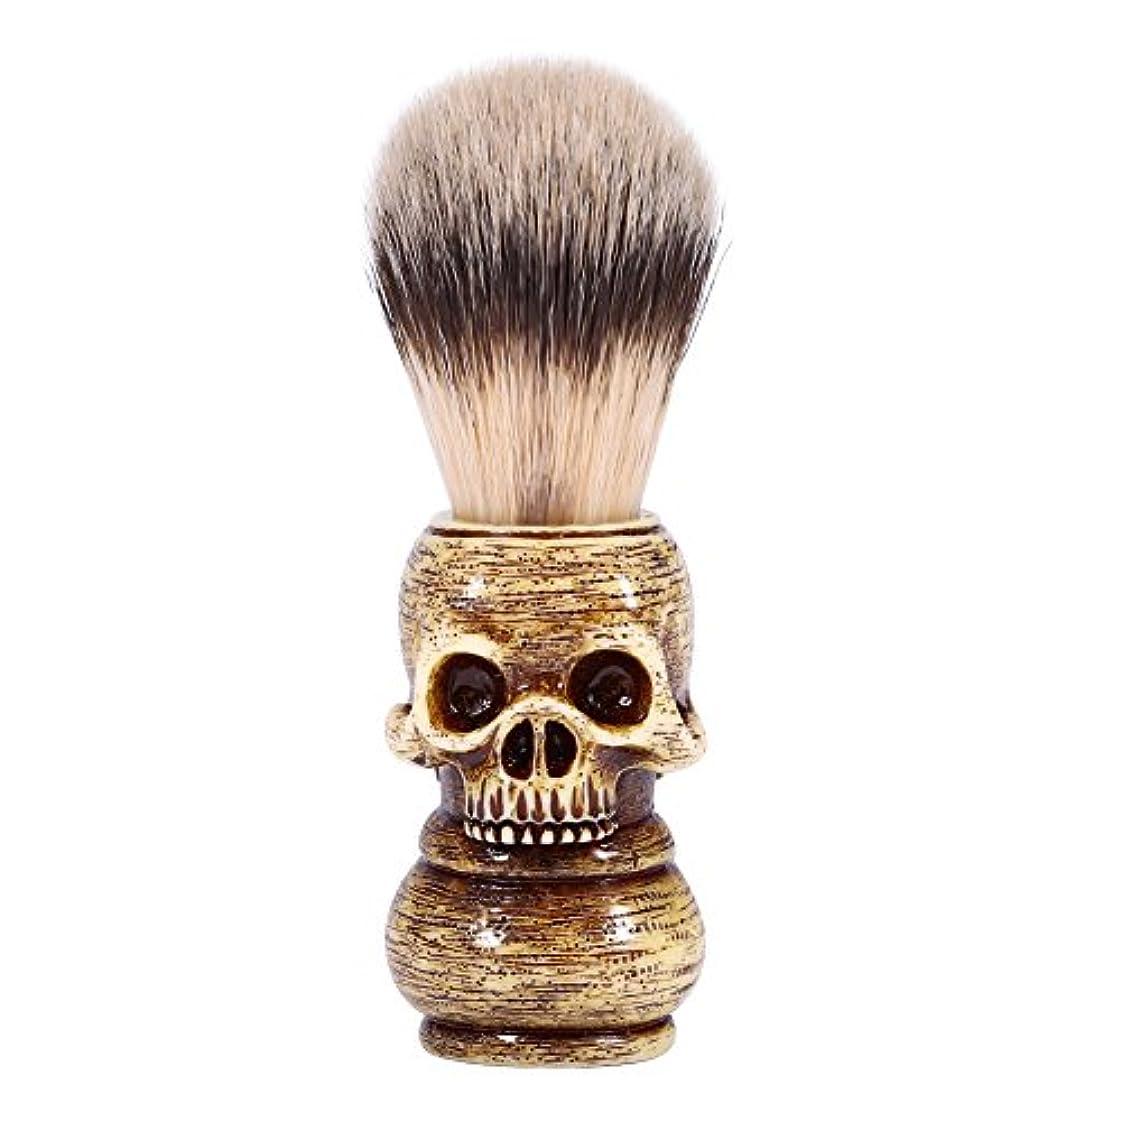 有名な原点スライムシェービングブラシ メンズ グルーミングツール メイクアップ サロン ビアードシェービングブラシ ひげ 洗顔 髭剃り 男性 ギフト理容